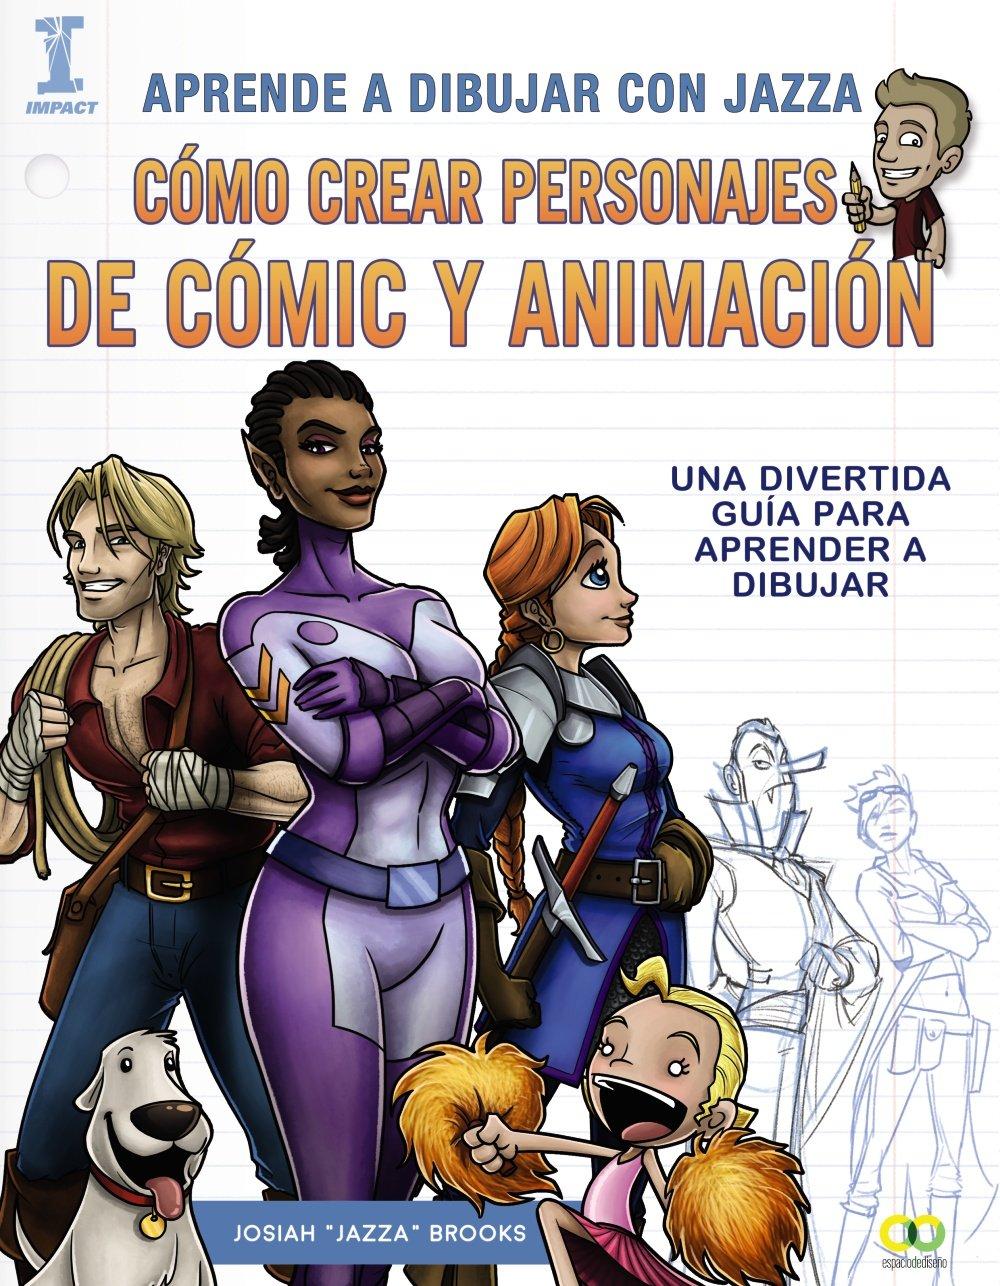 Aprende a dibujar con Jazza. Cómo crear personajes de cómic y animación (Espacio De Diseño) Tapa blanda – 22 jun 2017 Josiah Brooks ANAYA MULTIMEDIA 8441538824 AFF